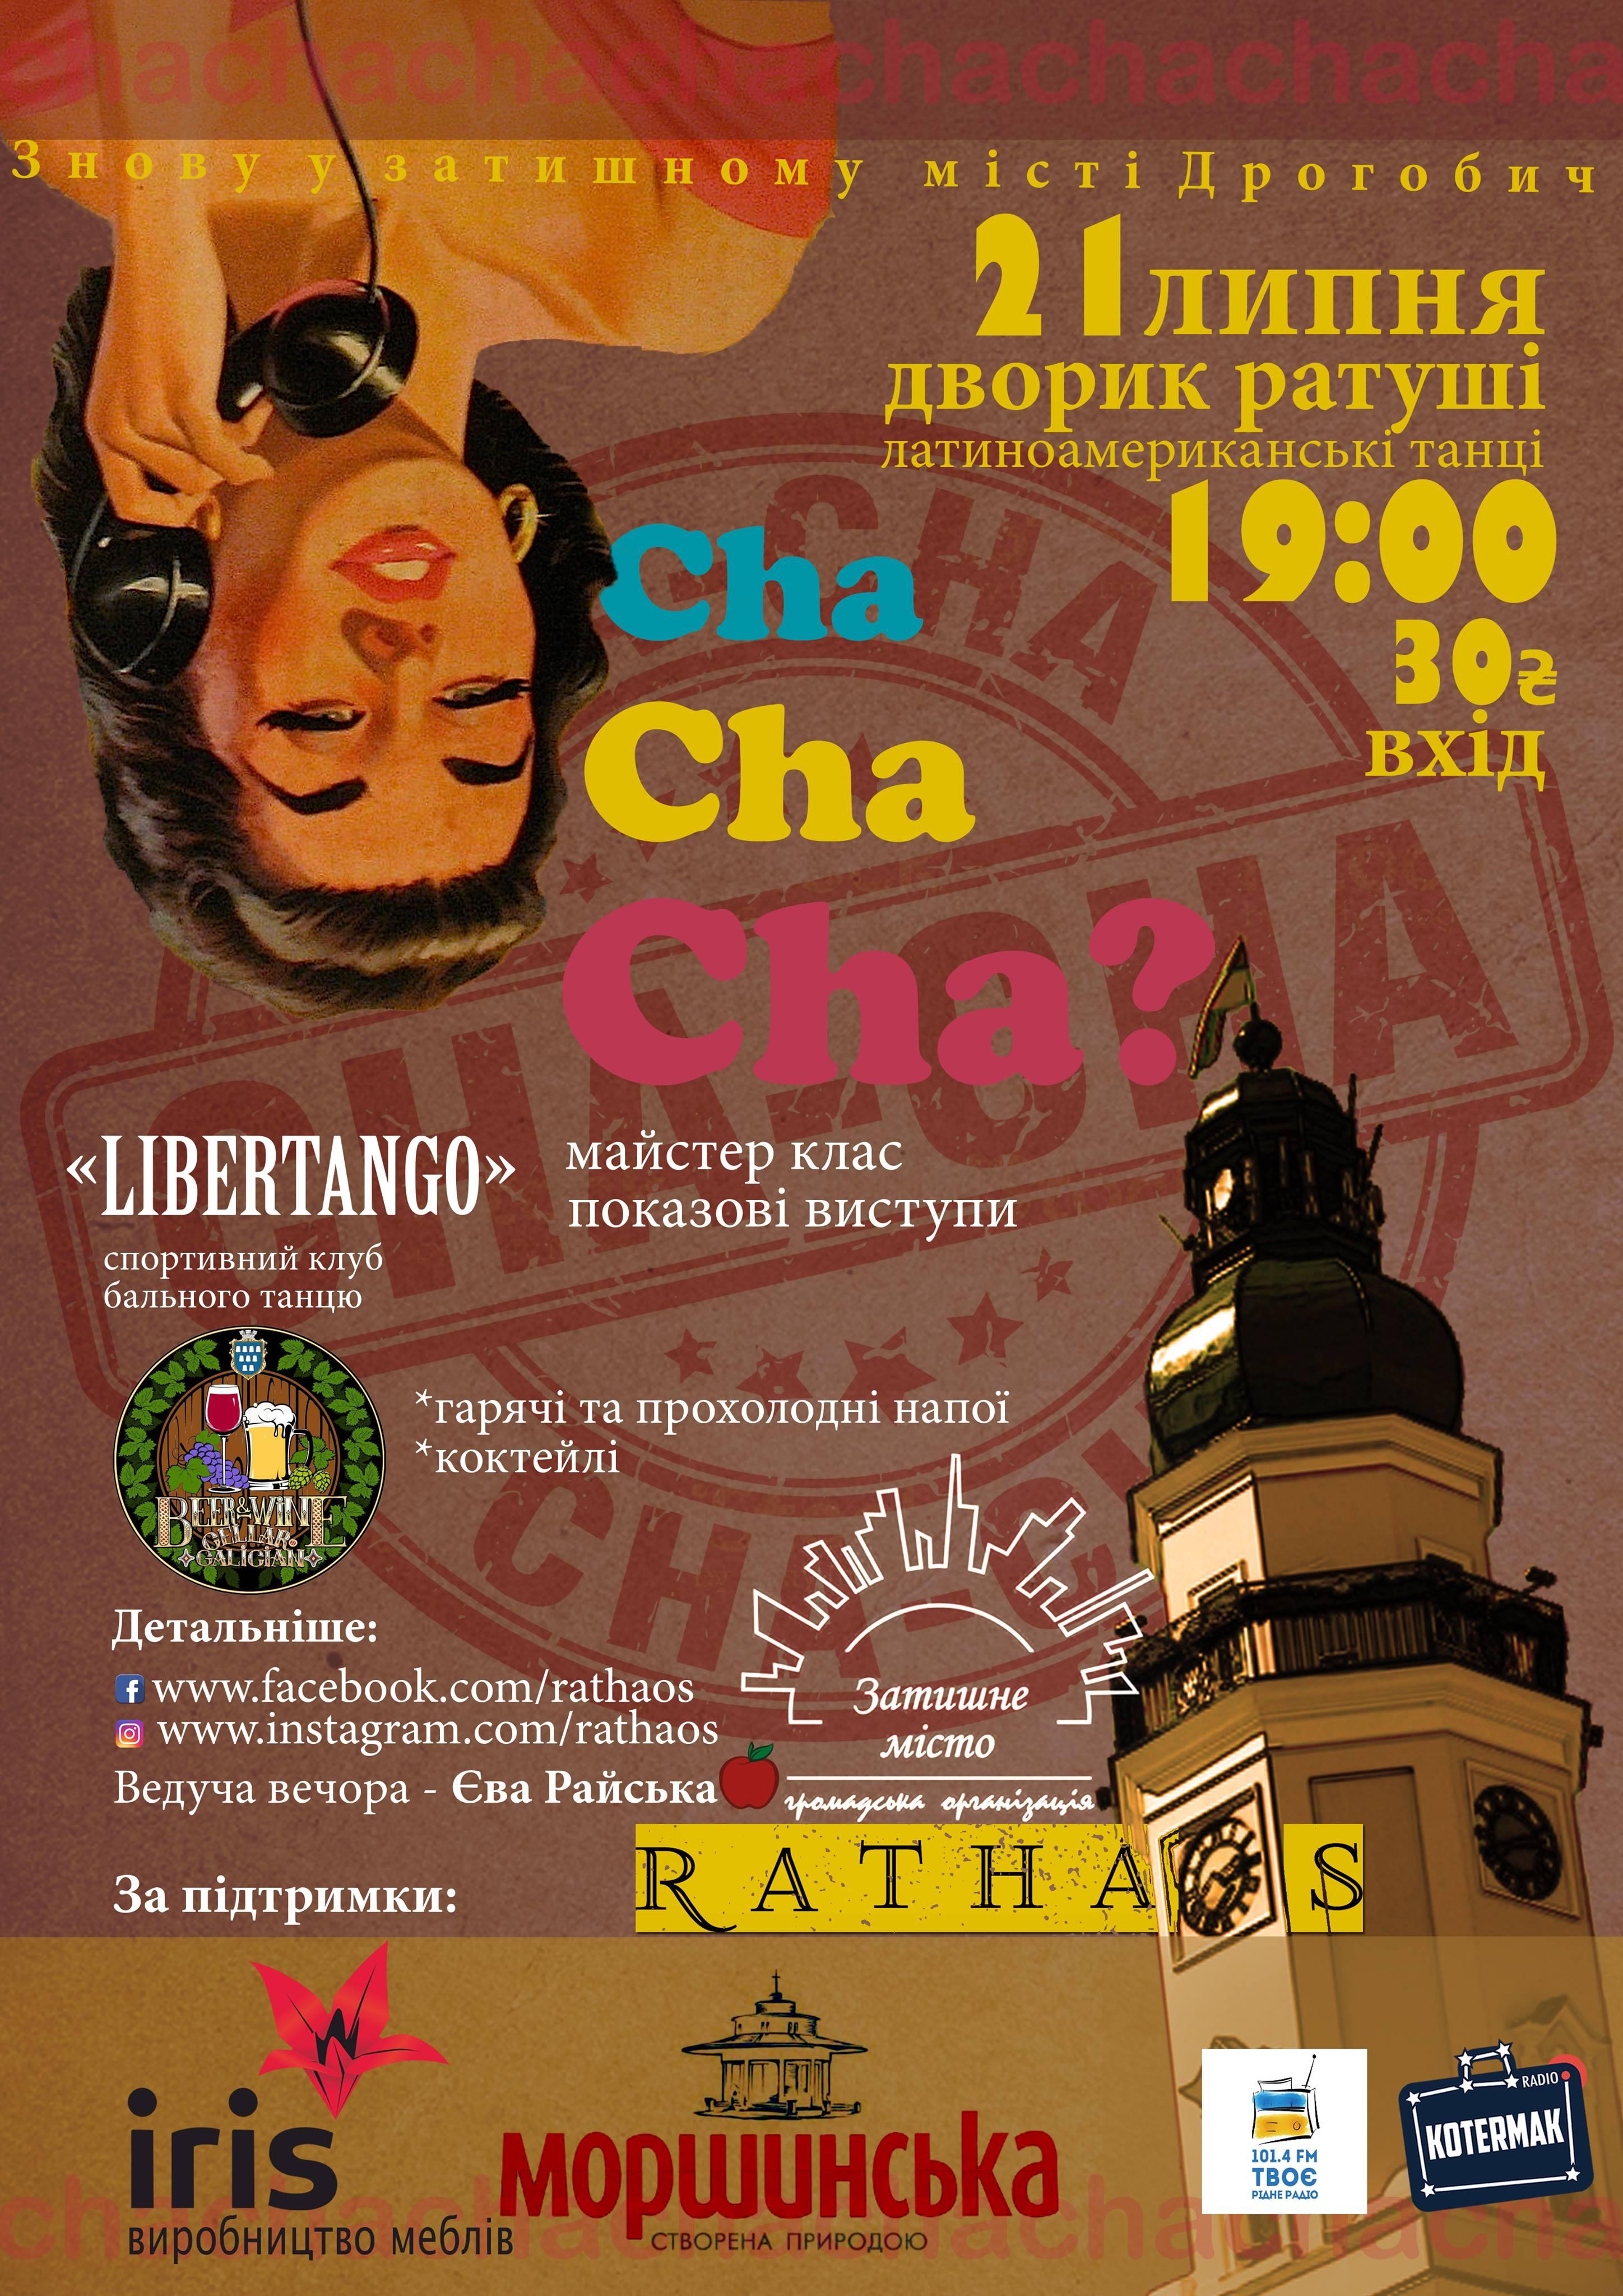 АНОНС. Дрогобичан та гостей міста запрошують у Дворик Ратуші на вечір латиноамериканських танців просто неба